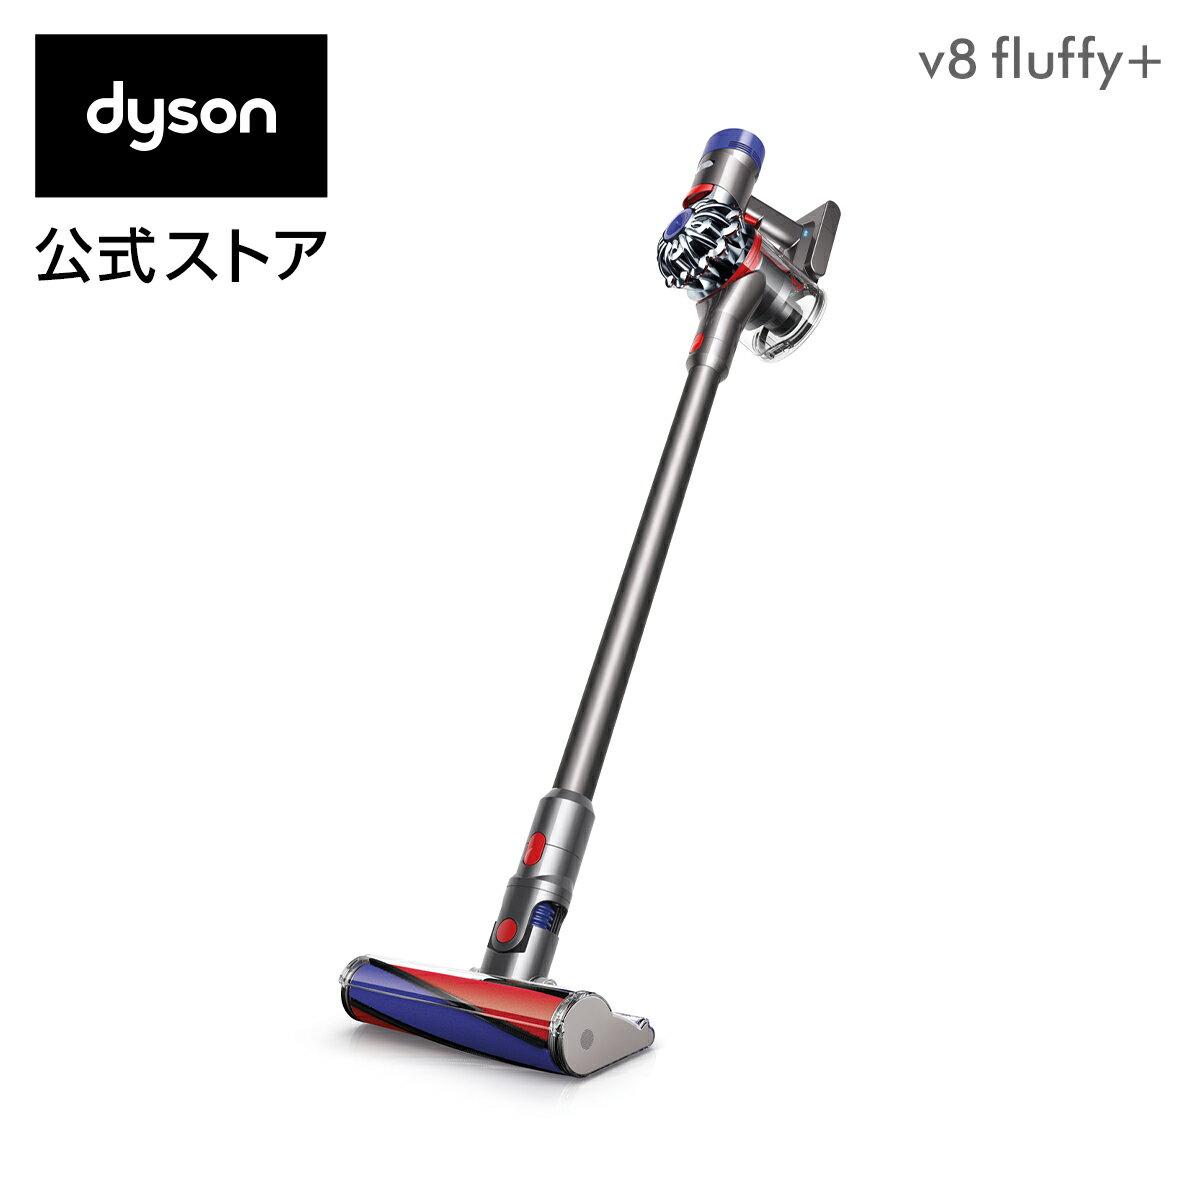 26日1:59amまで【期間限定】ダイソン Dyson V8 Fluffy+ サイクロン式 コードレス掃除機 SV10FFCOM2 アイアン 2017年モデル